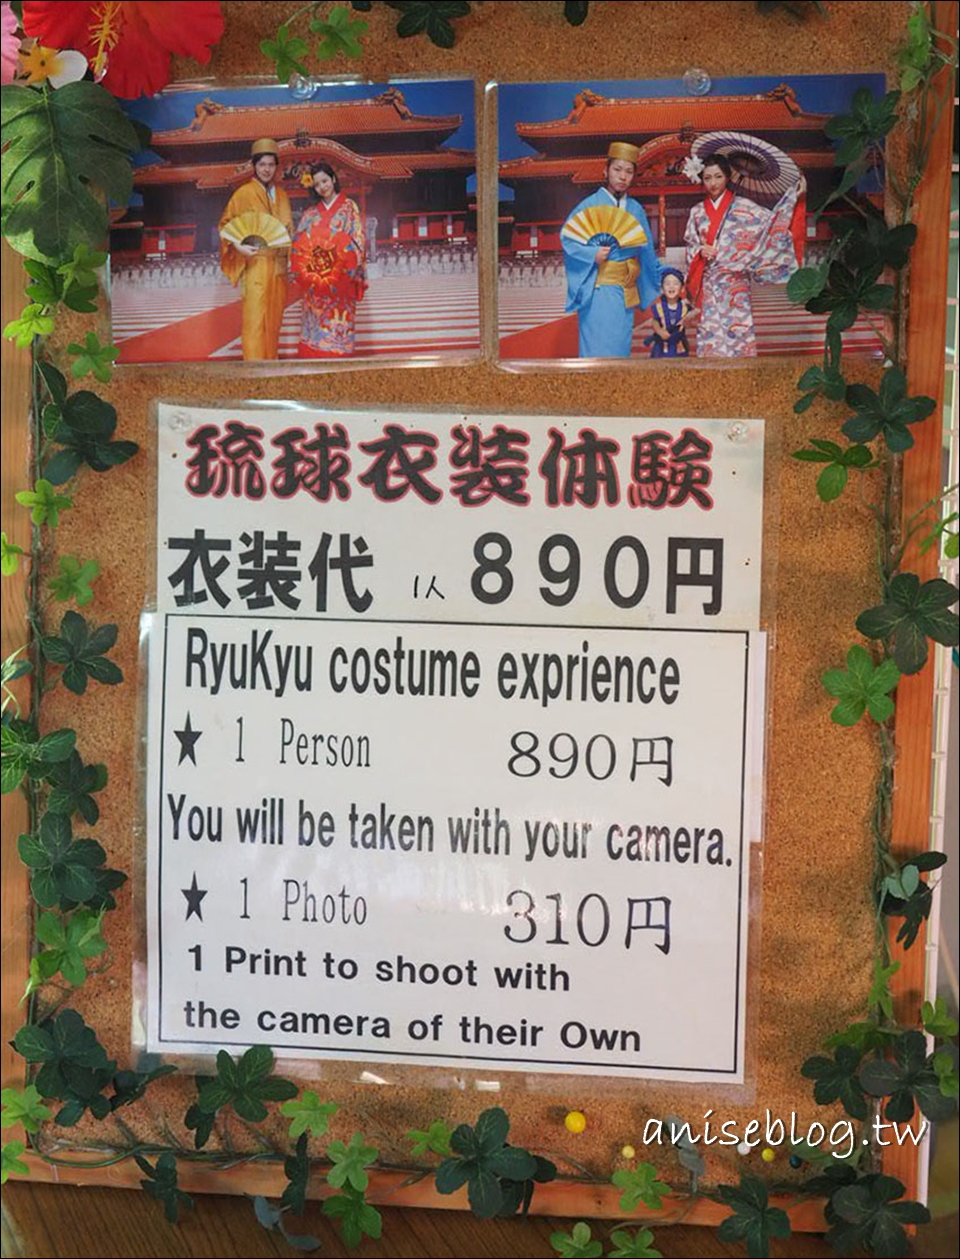 沖繩親子景點.體驗王國むら咲むら,大人小孩玩翻天!